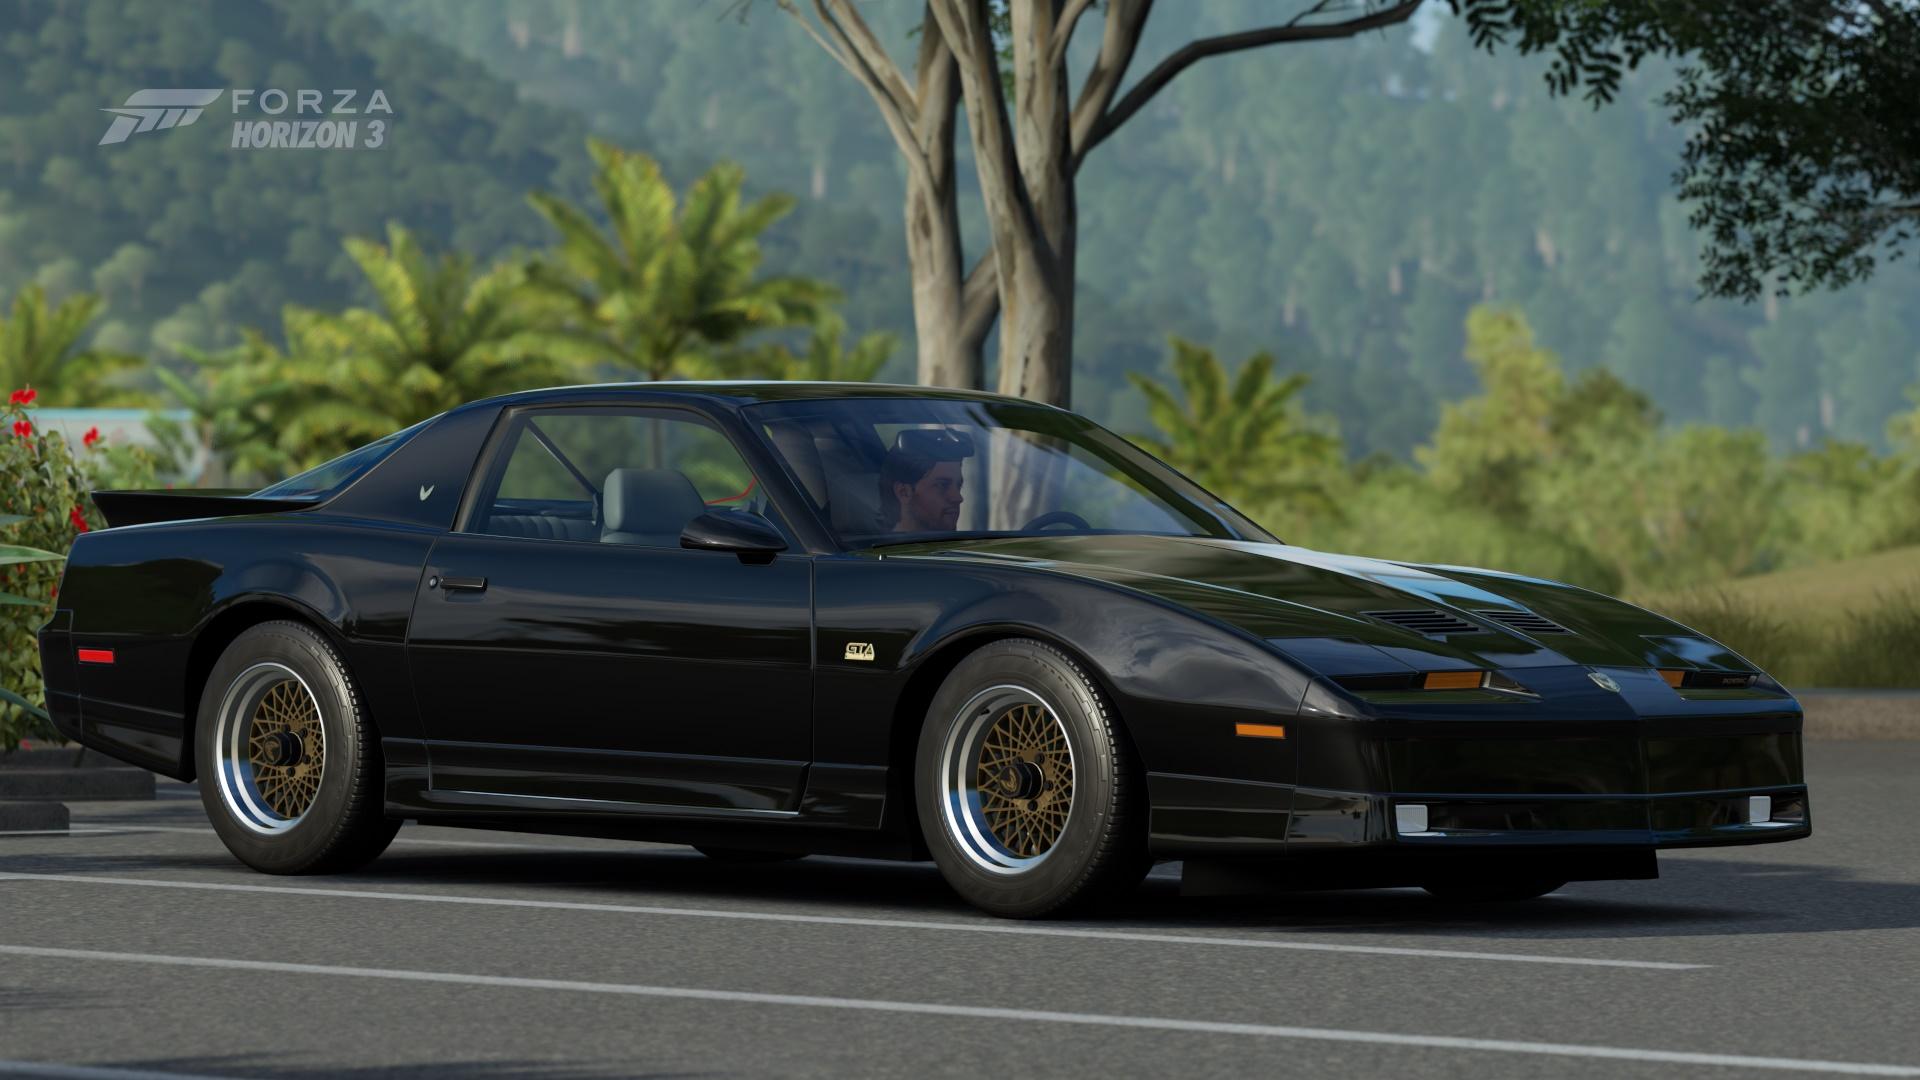 Forza Horizon 3 - Cars